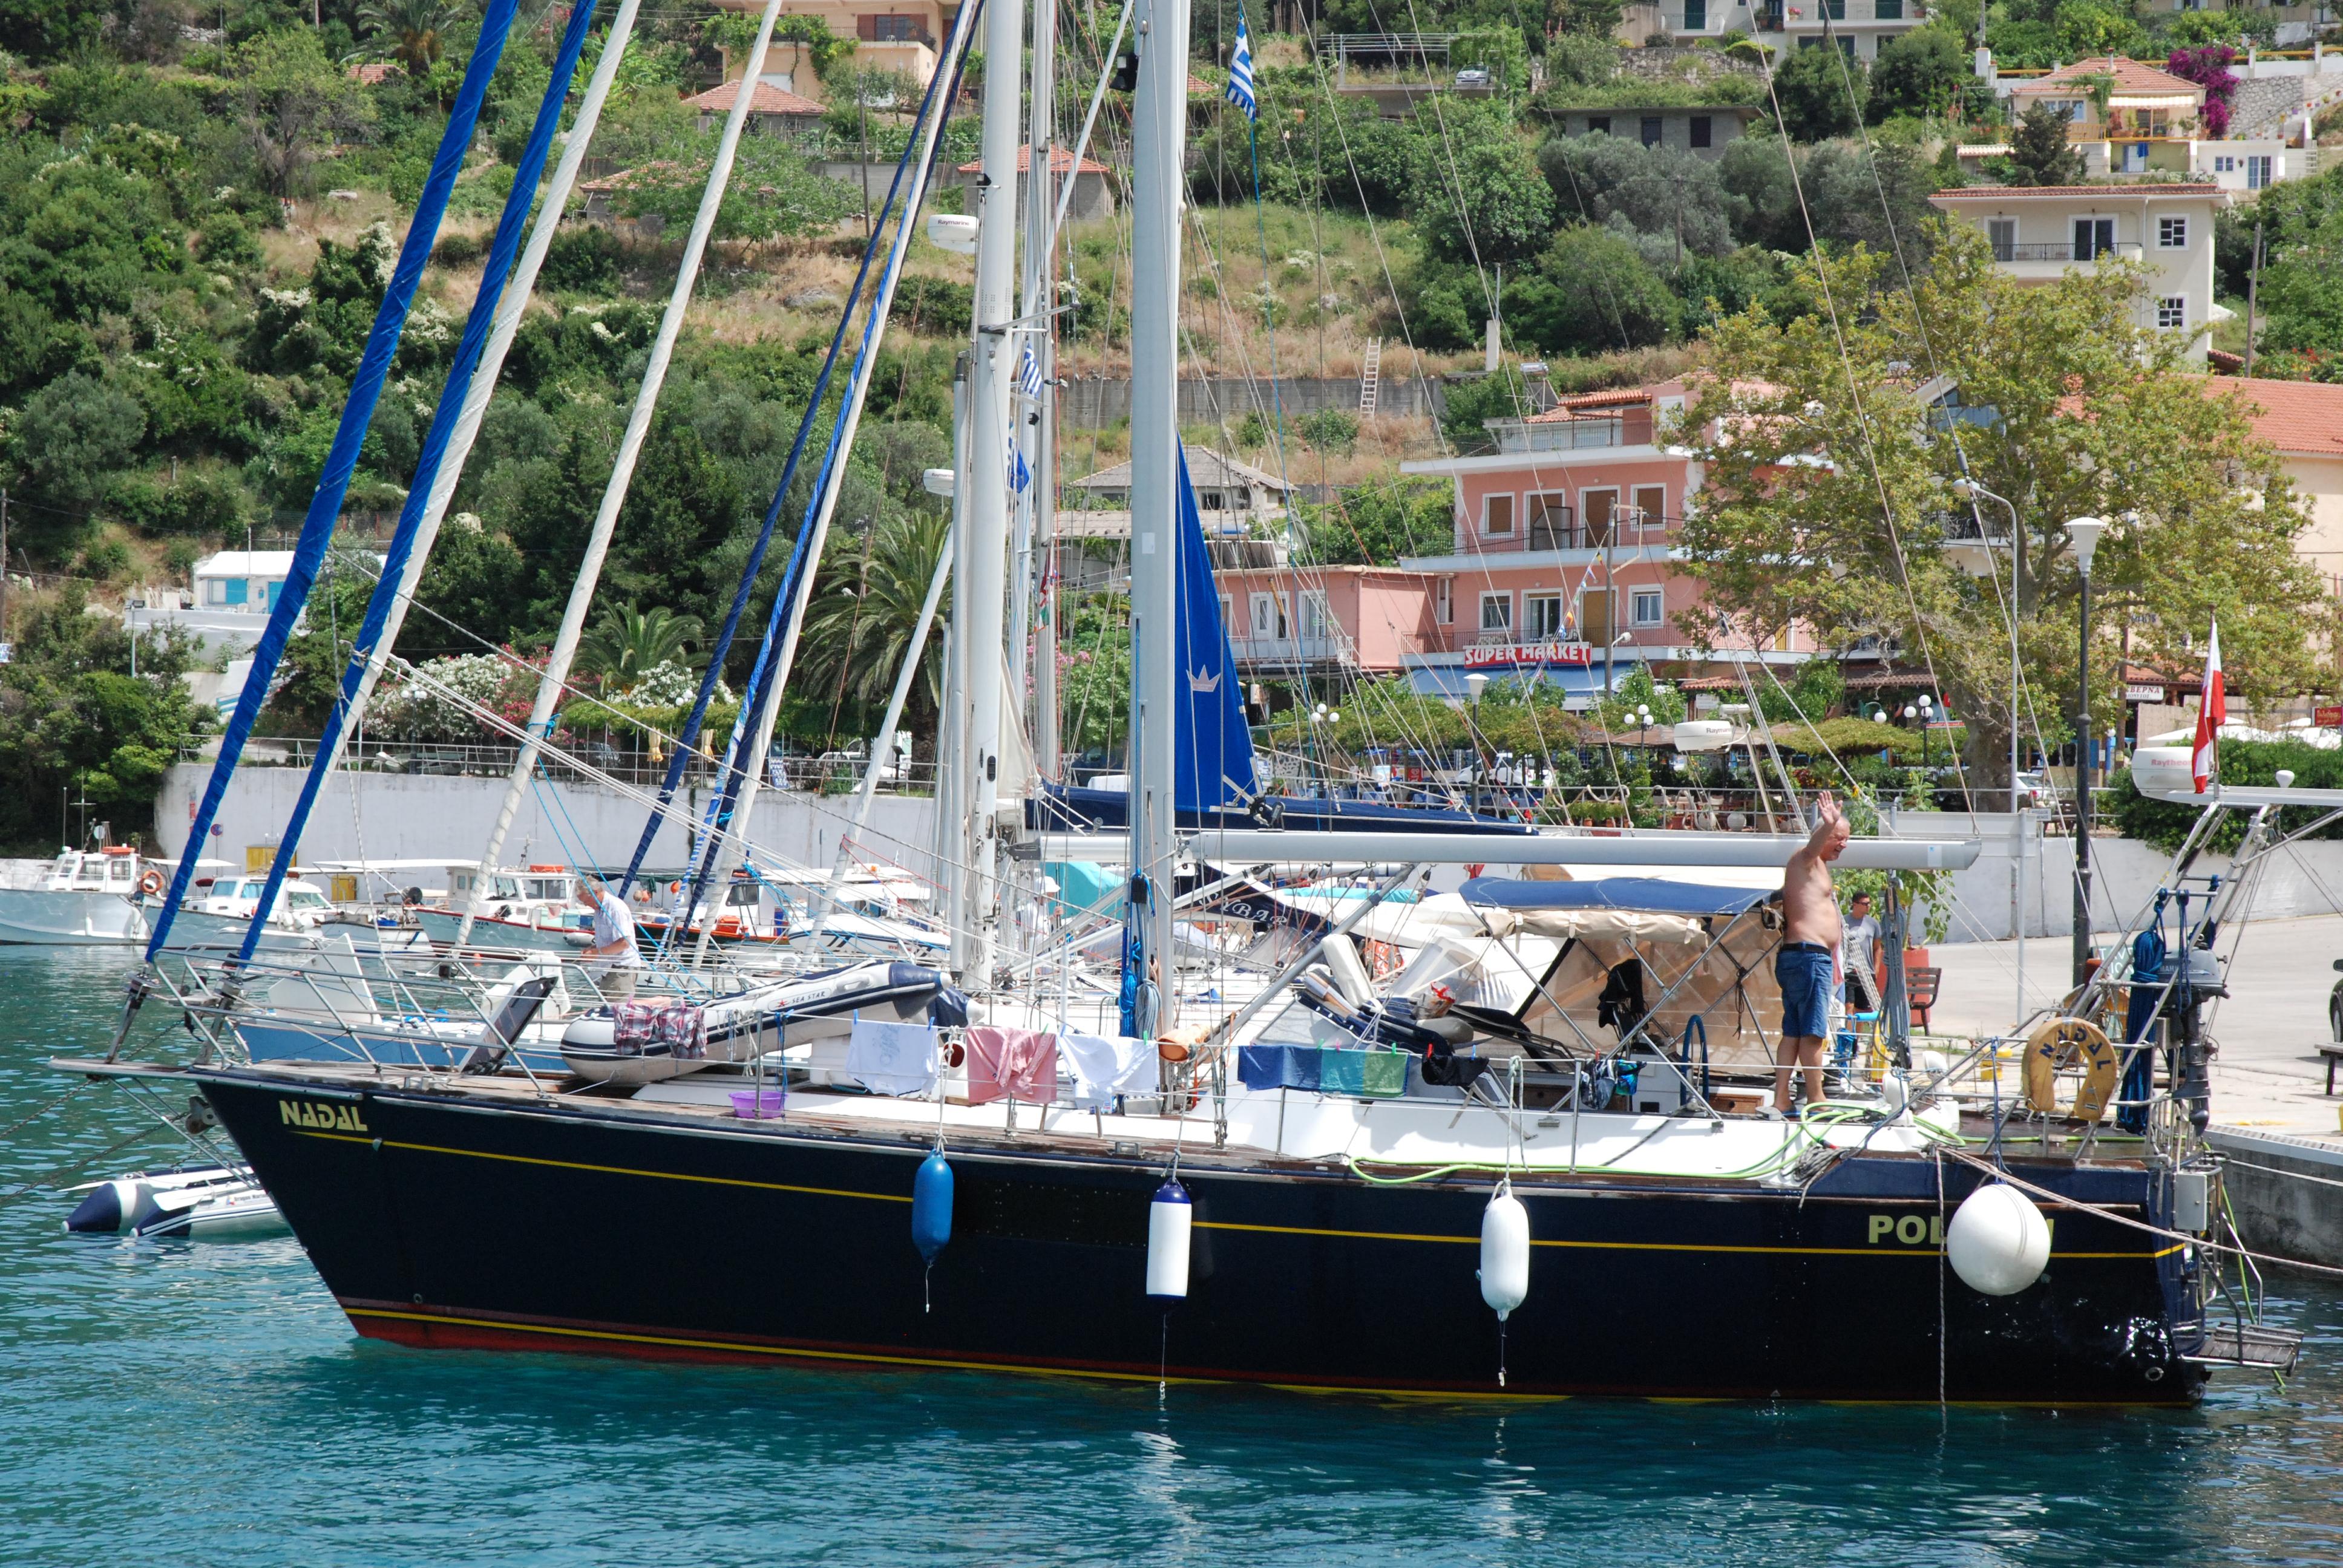 Polaris Yachts Outborn 40